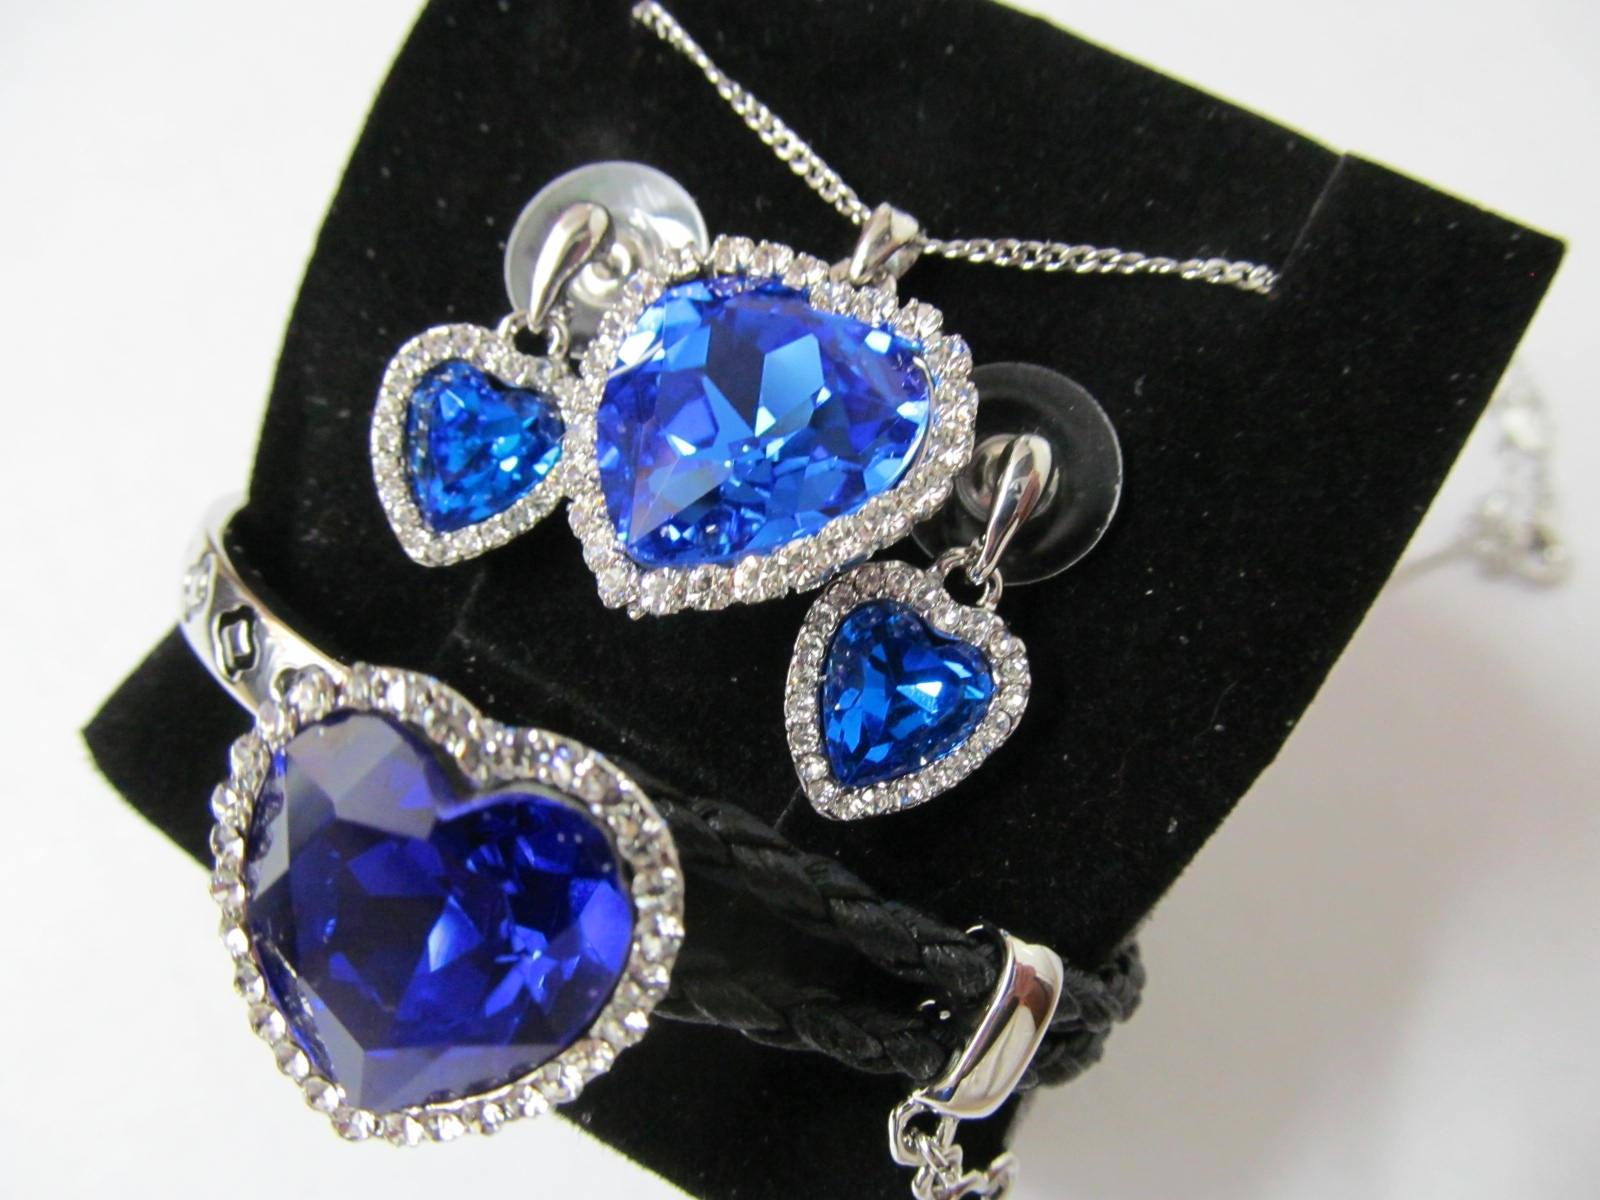 10 самых популярных символов в ювелирных украшениях